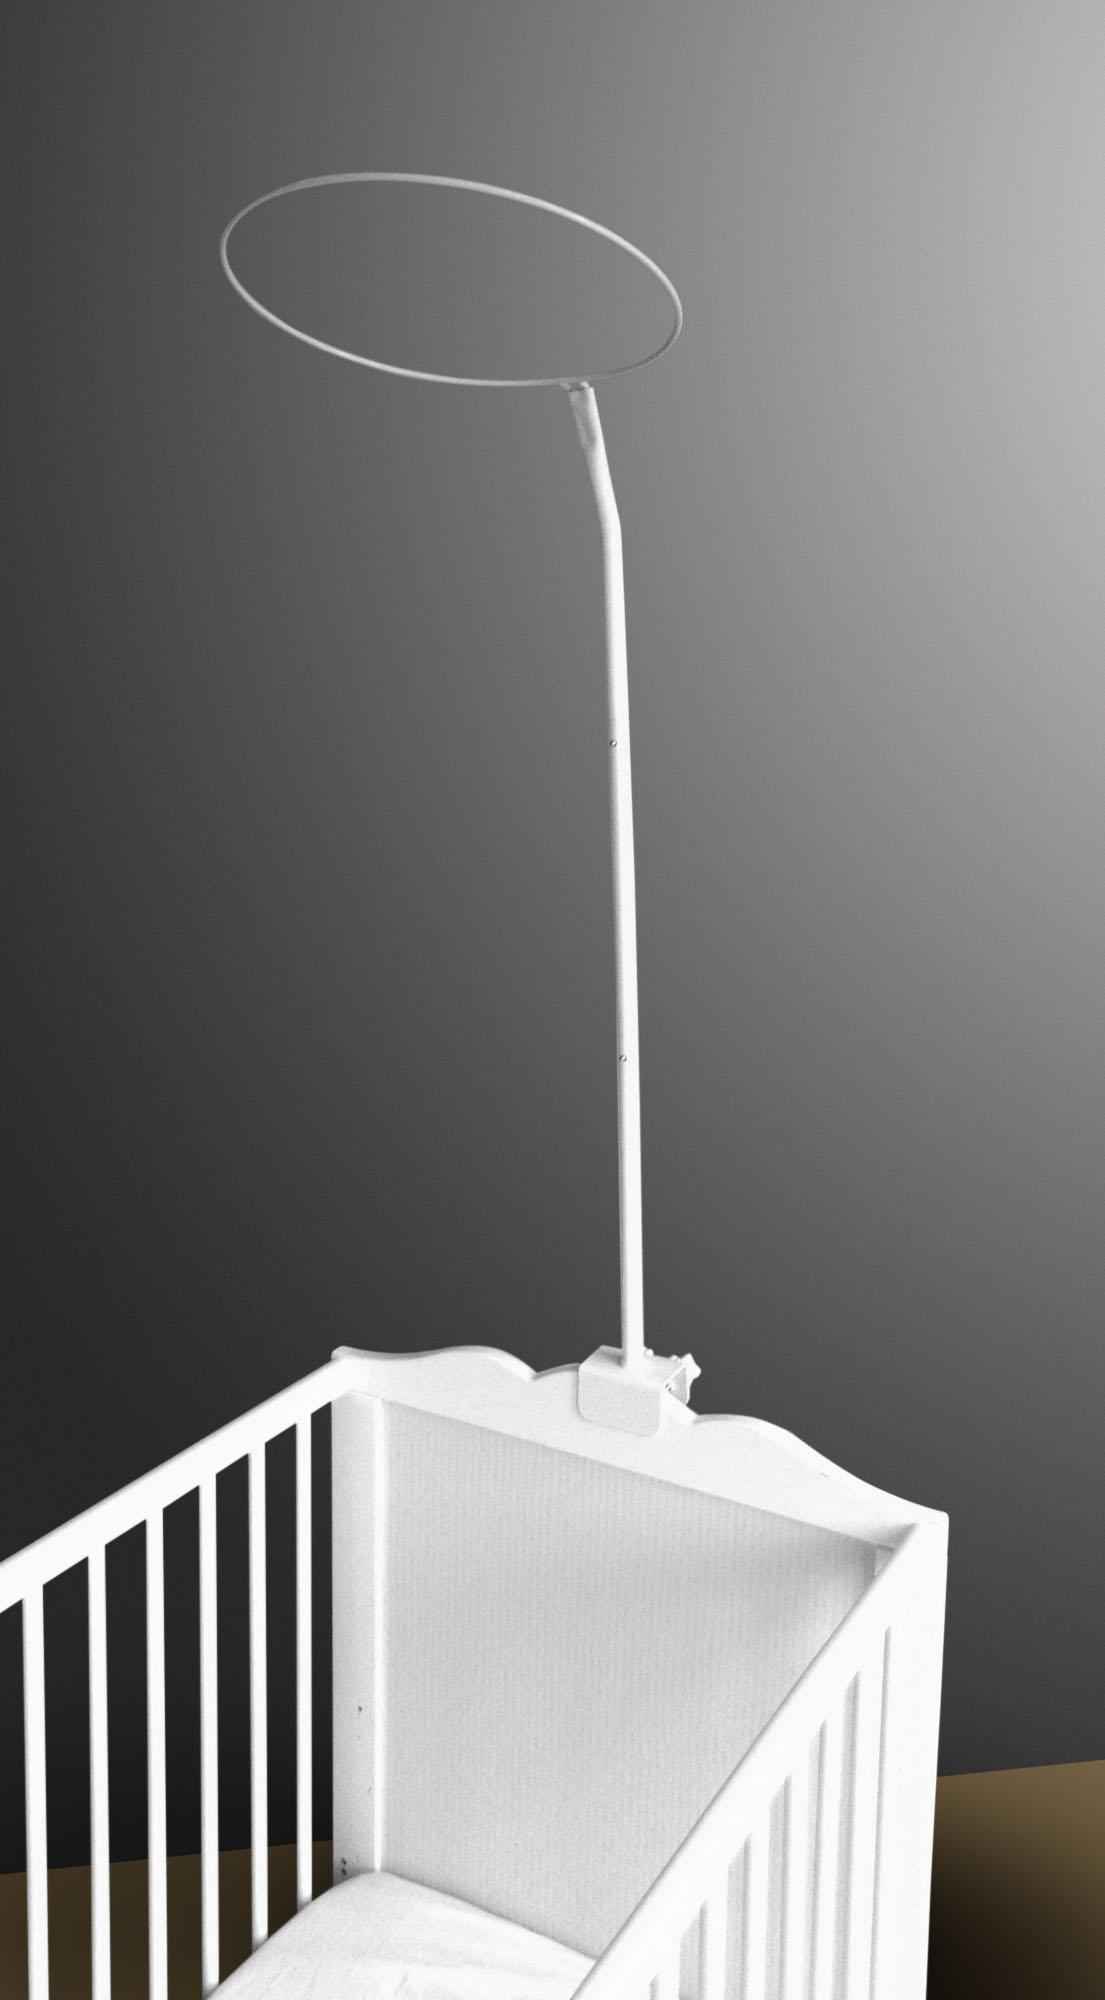 himmelstange zum anschrauben label f r wickeltaschen. Black Bedroom Furniture Sets. Home Design Ideas